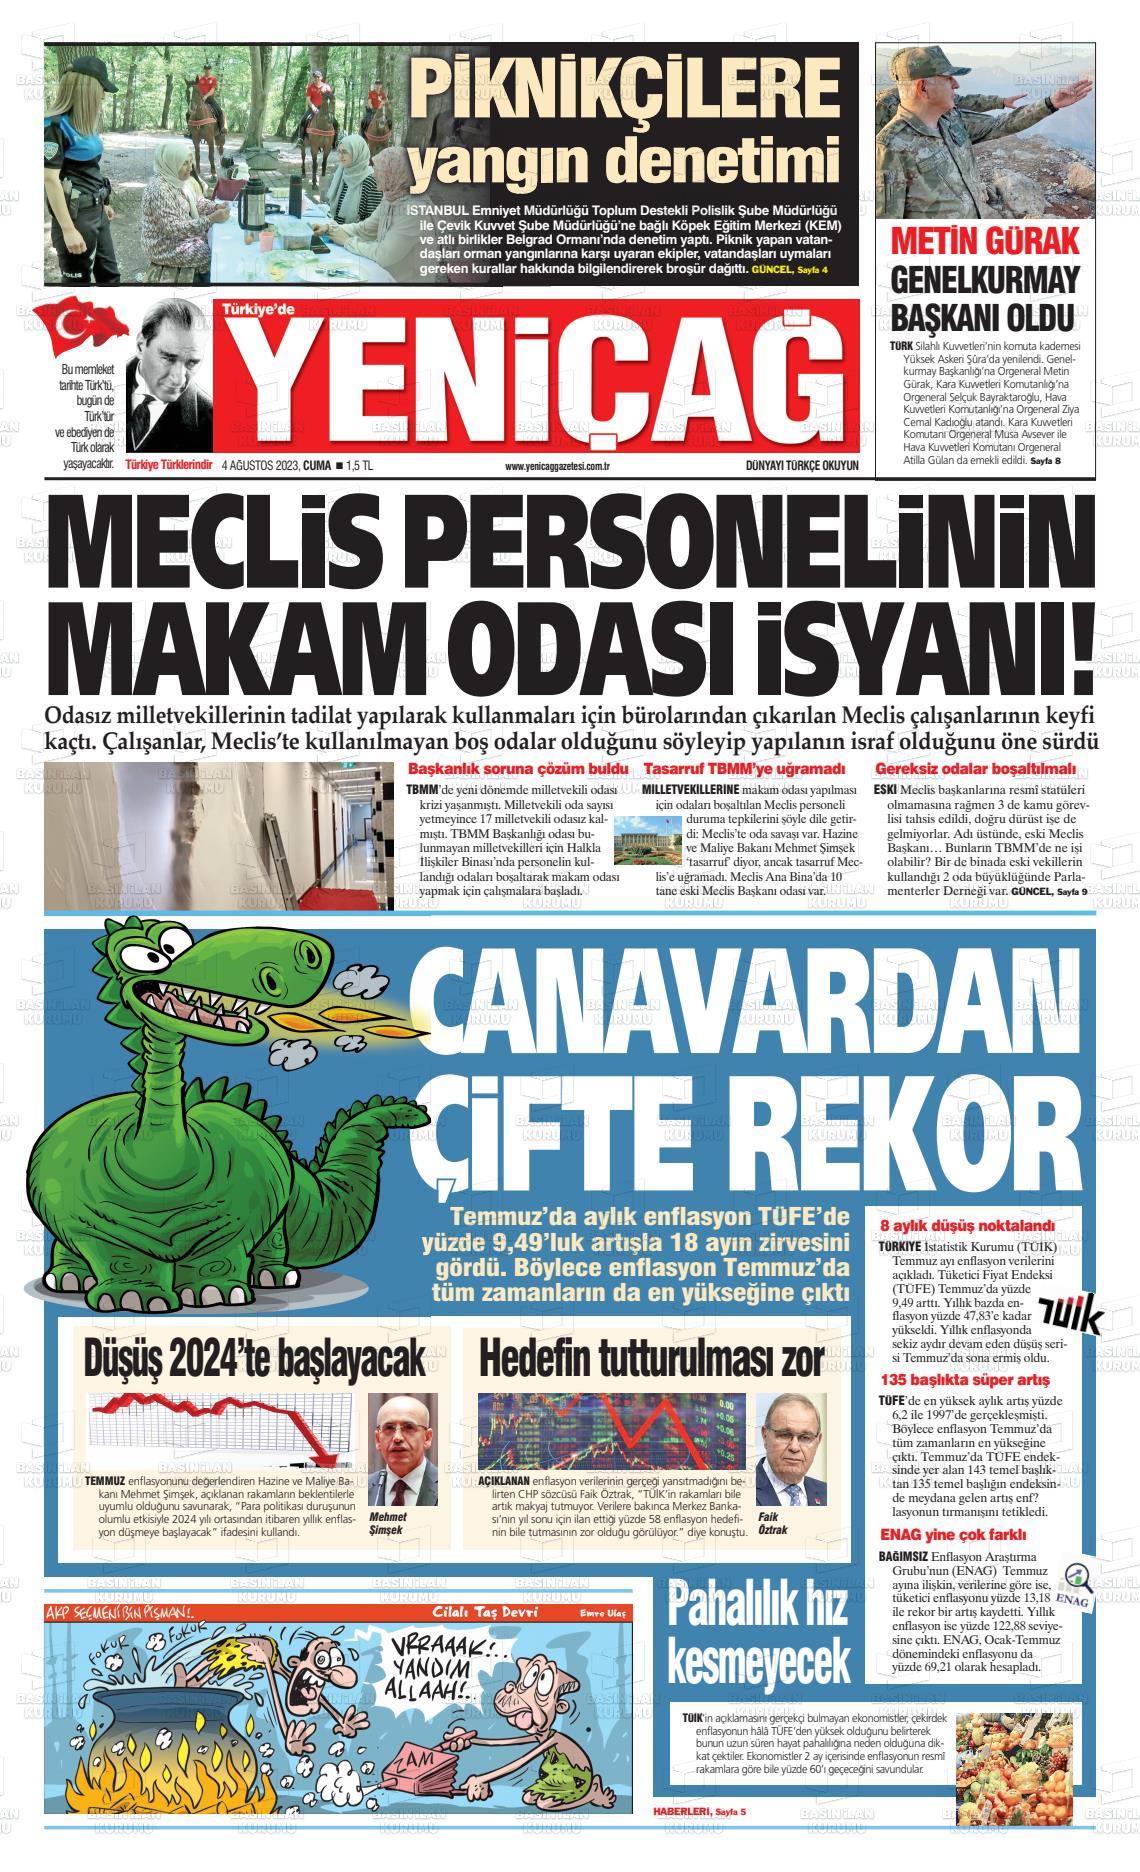 20 Ocak 2019, Pazar yenicag Gazetesi